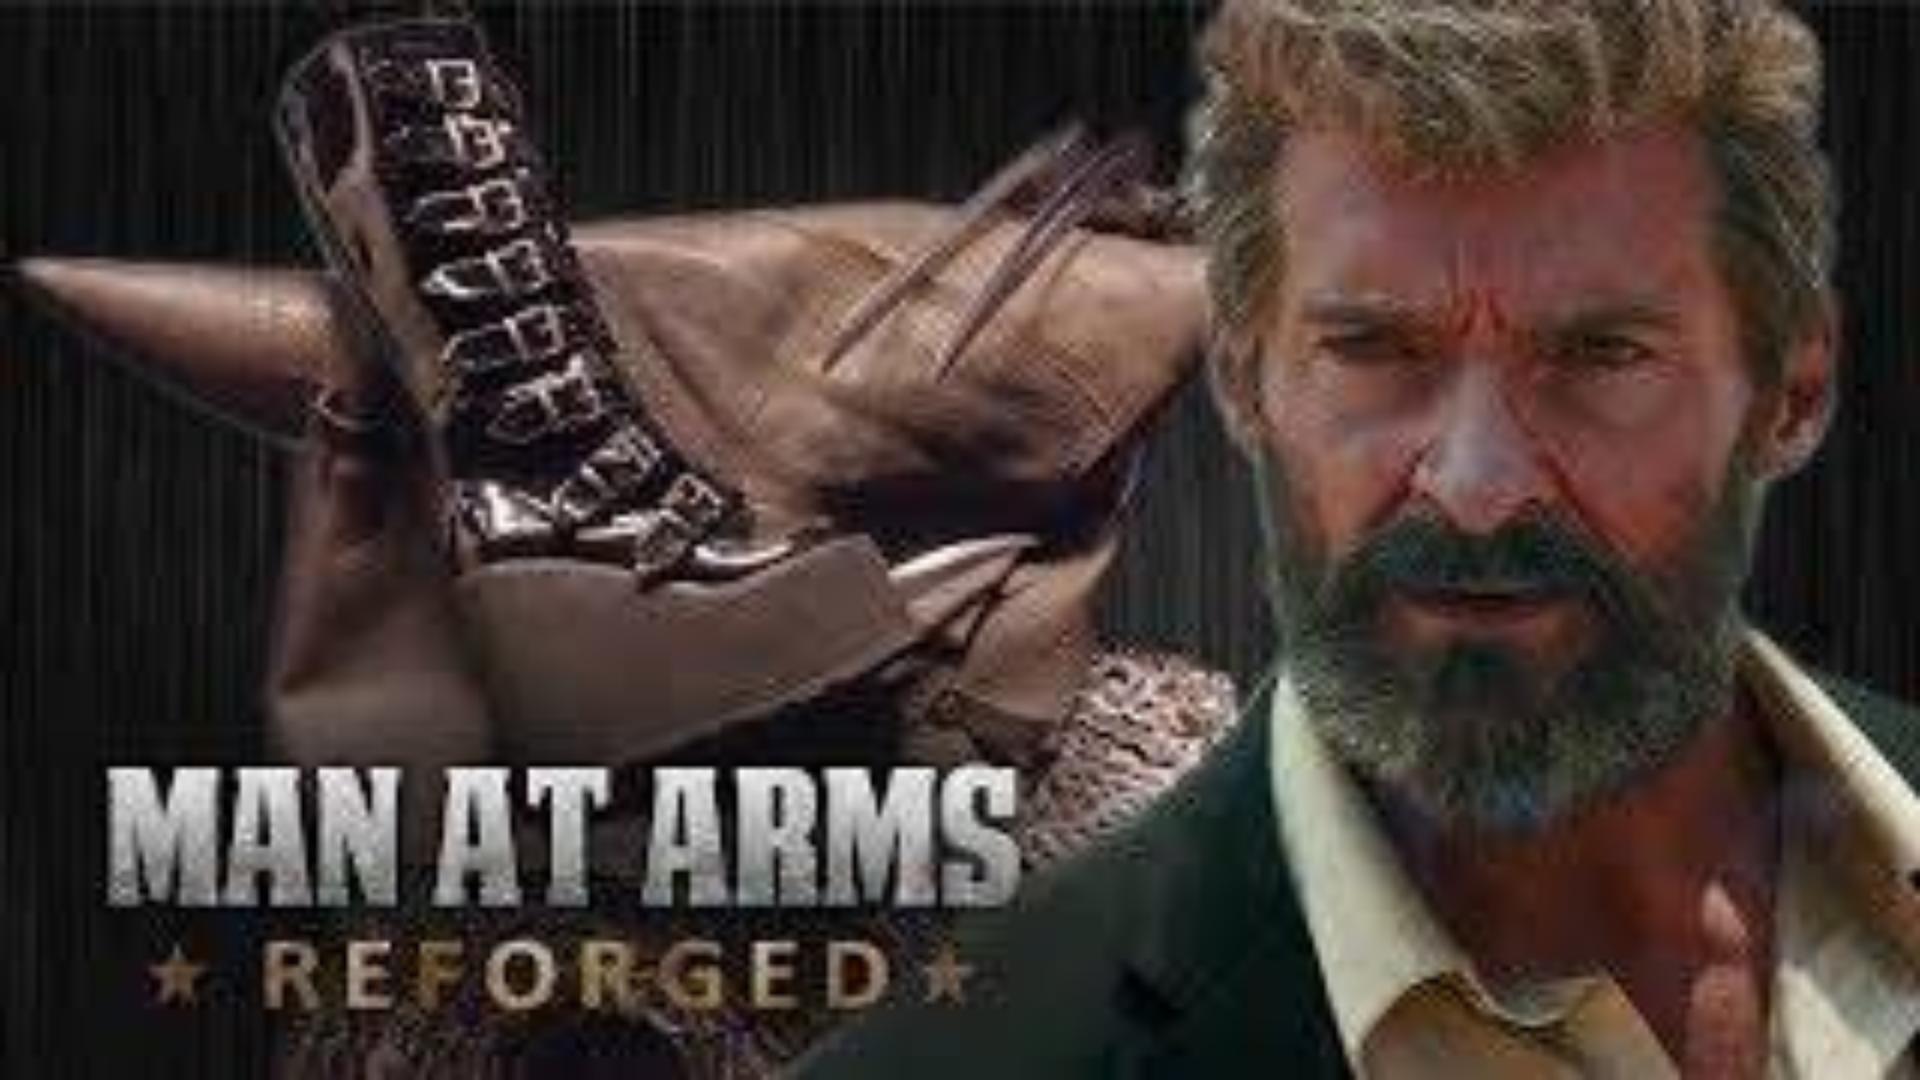 武器人间:重铸—X-23的狼爪(X战警系列)MAN AT ARMS: REFORGED【中文字幕】